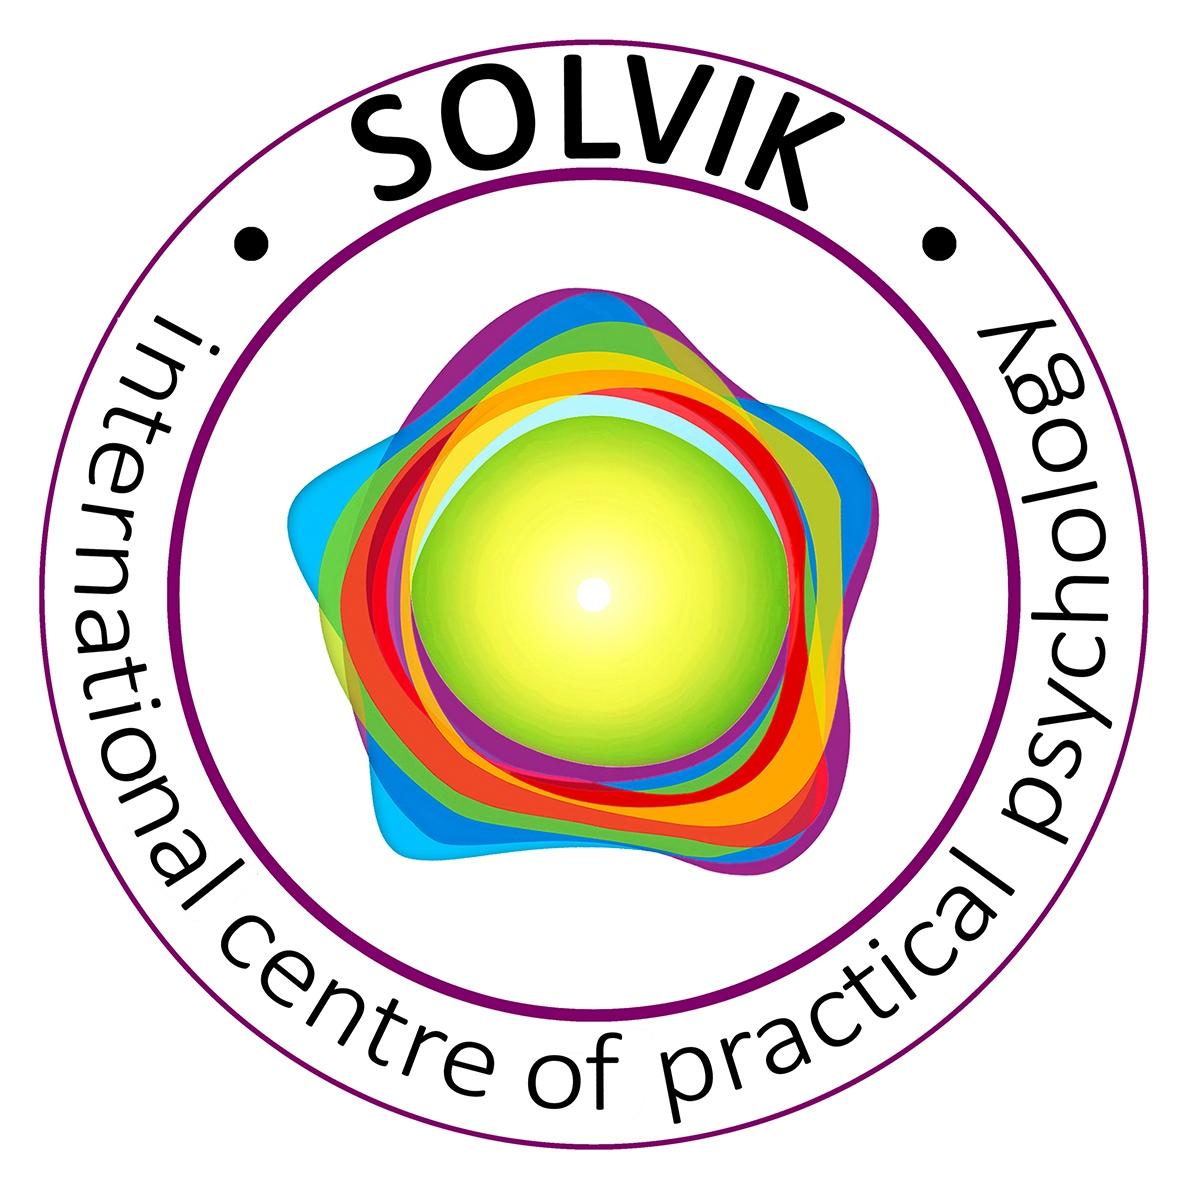 Международный центр практической психологии SOLVIK